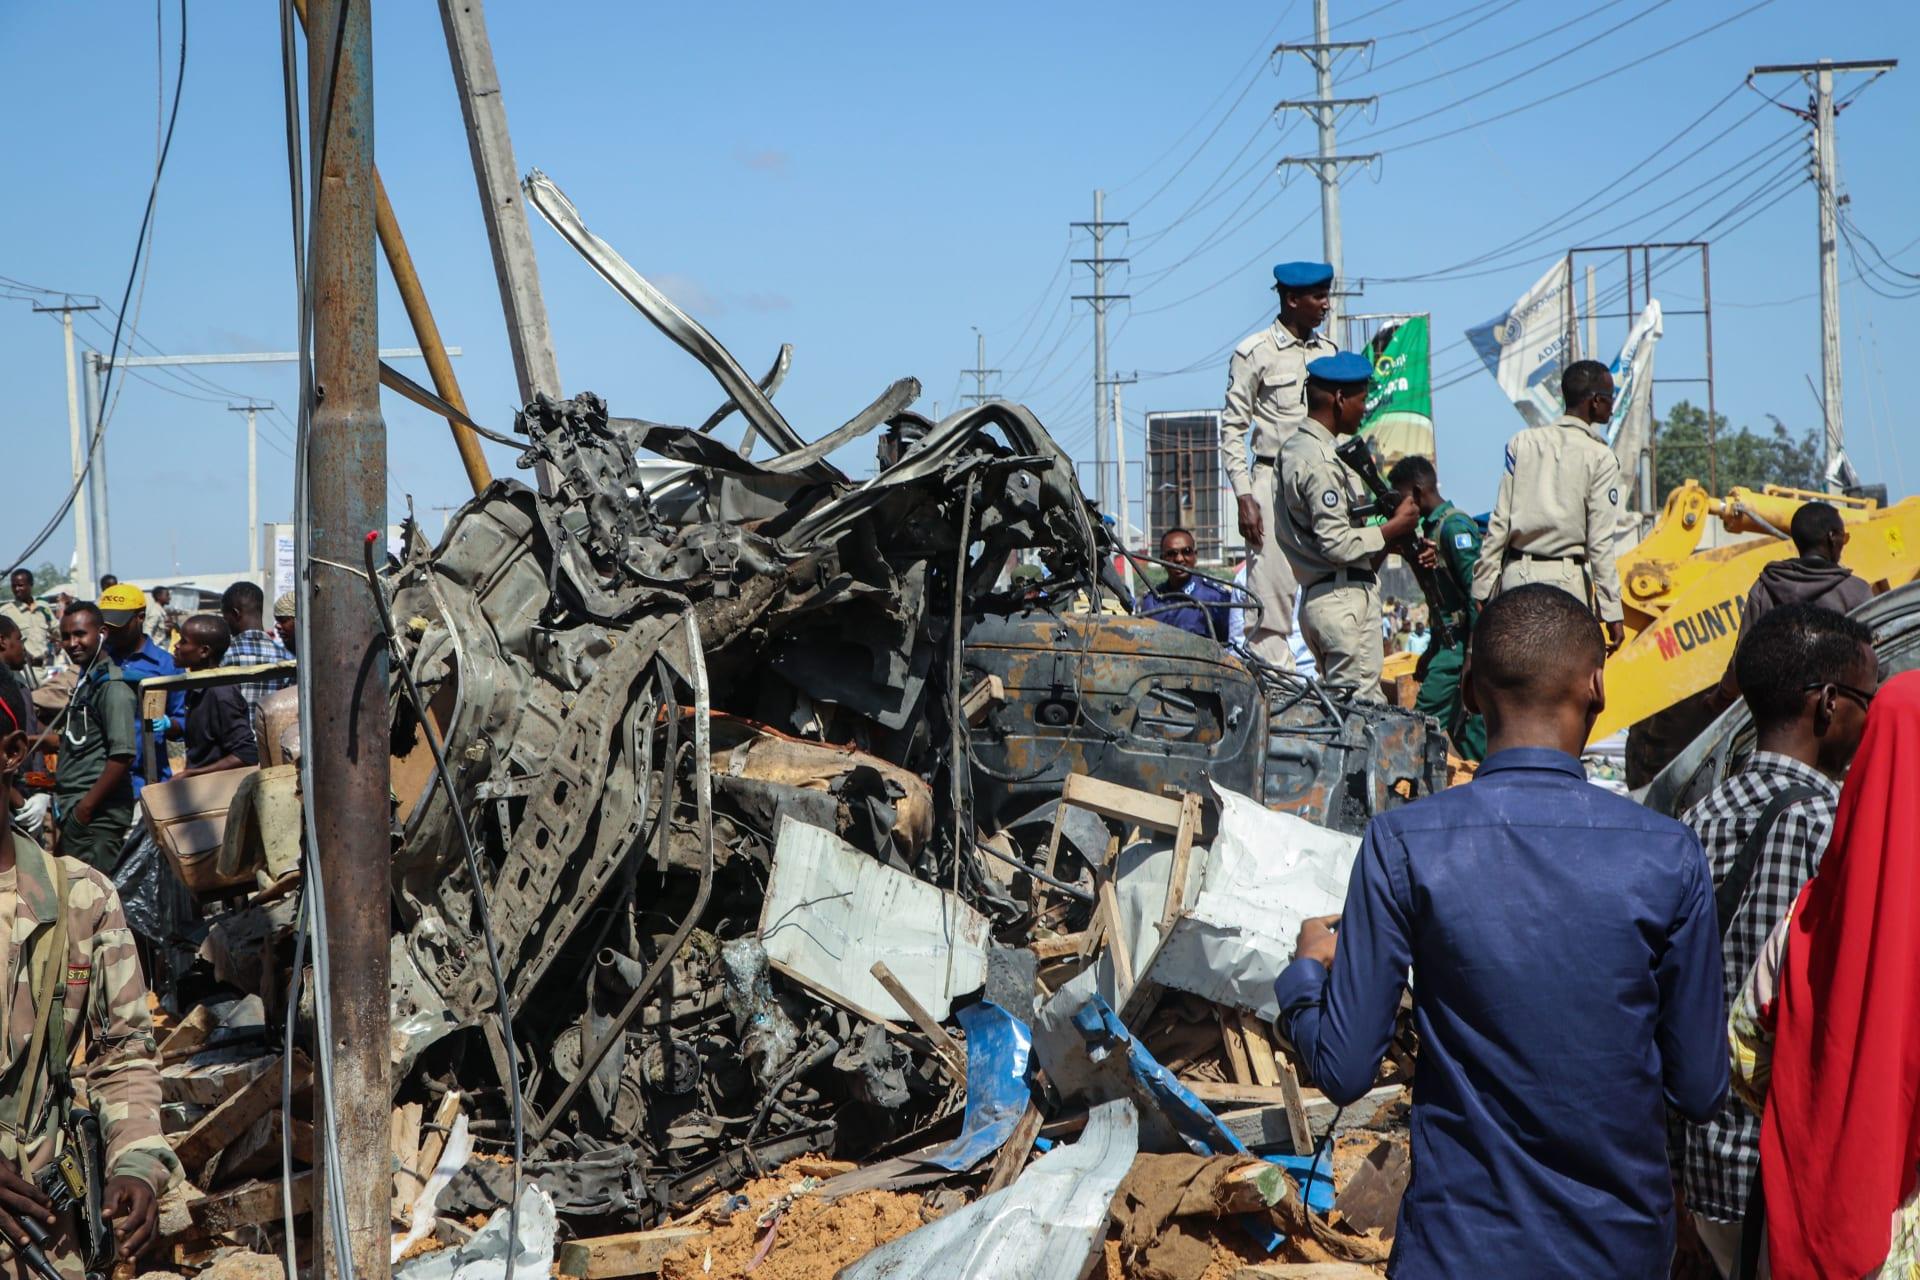 الصومال تعلن انتهاء حصار فندق مقديشو بعد مقتل منفذي هجوم مسلح